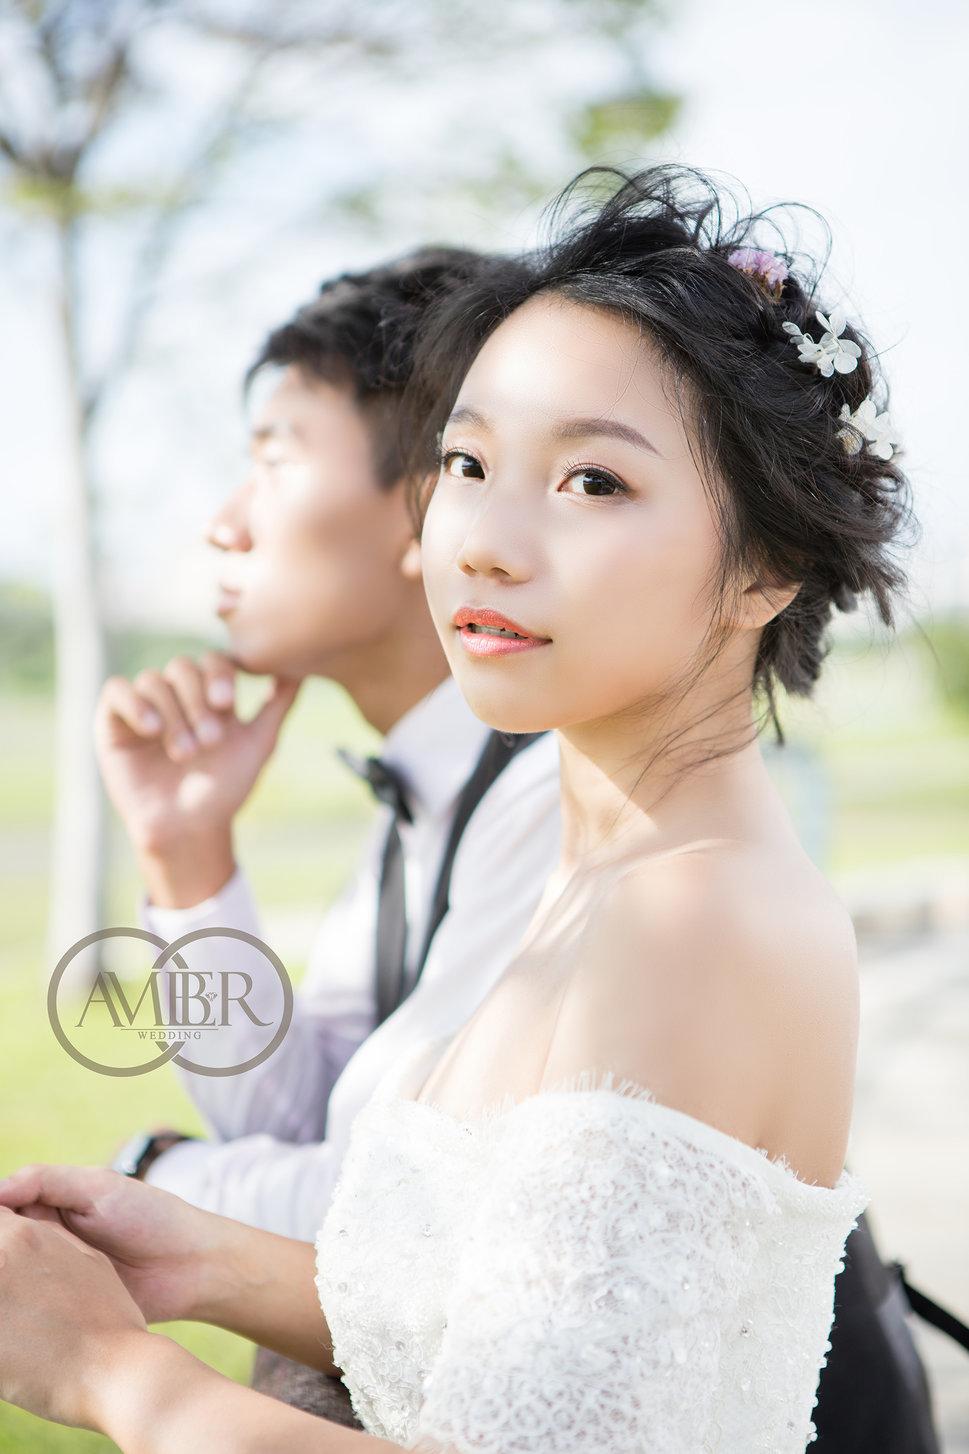 安柏婚紗攝影(編號:380151) - 安柏婚禮藝術 - 結婚吧一站式婚禮服務平台